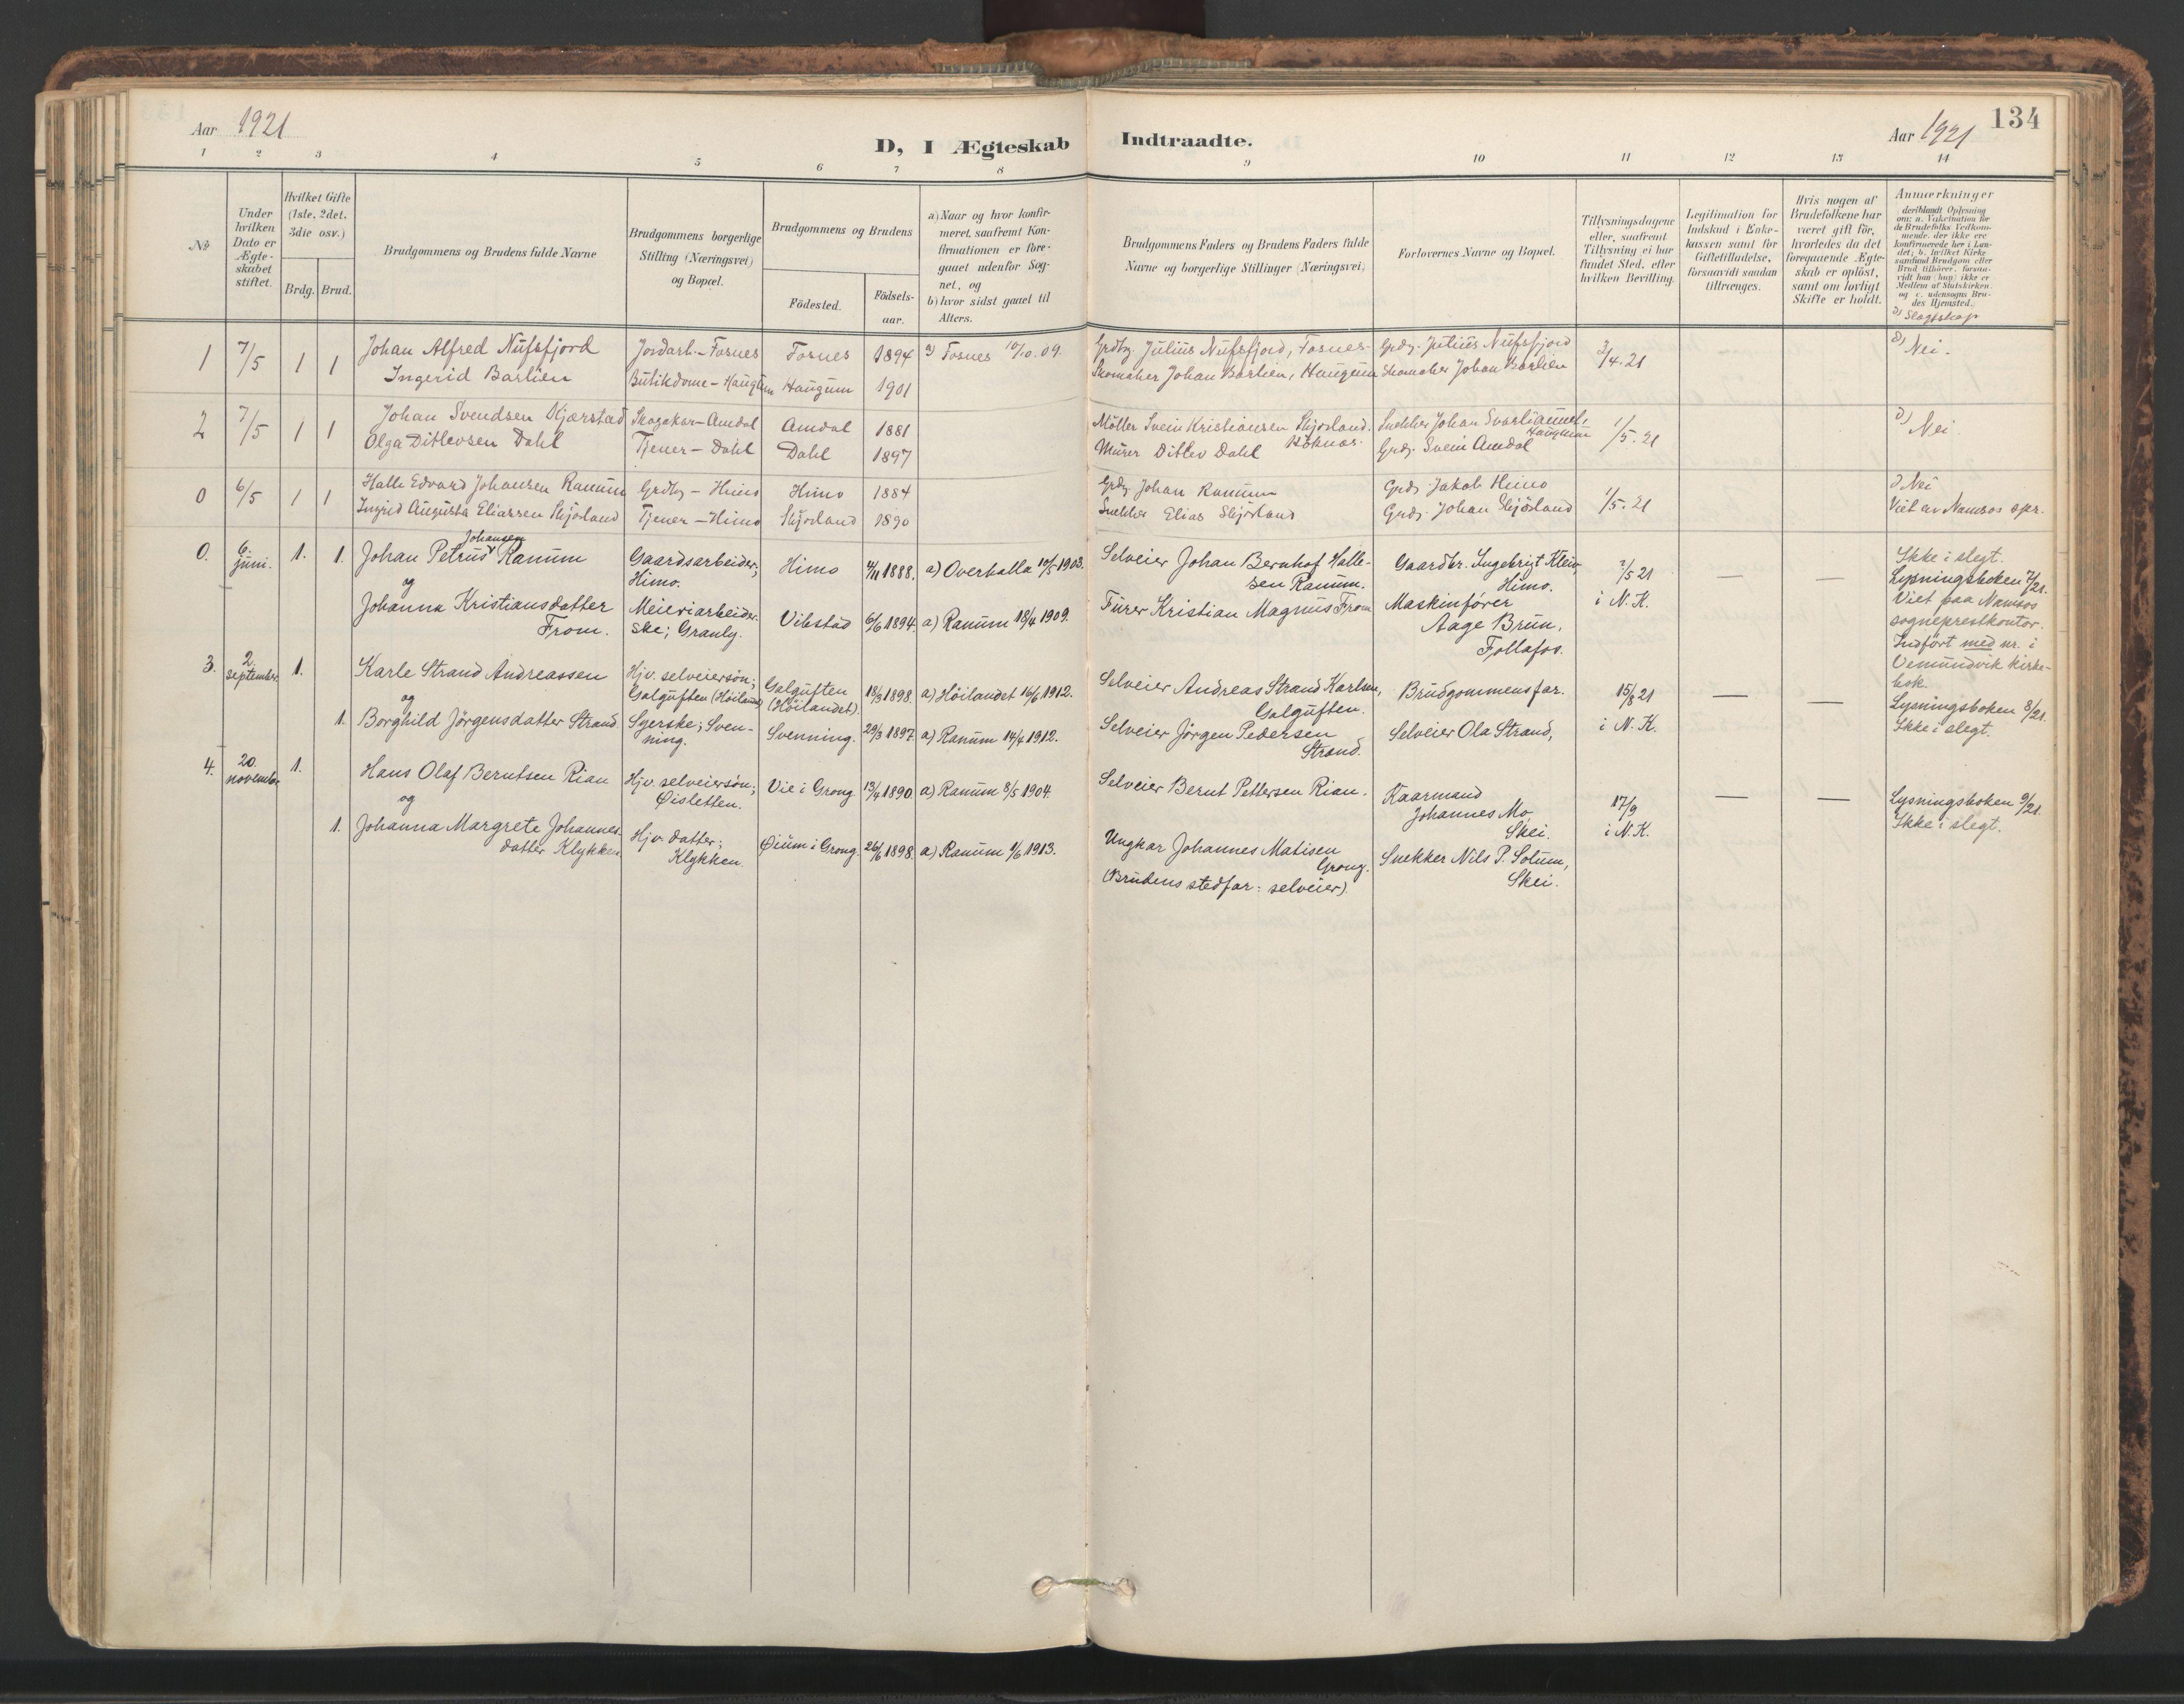 SAT, Ministerialprotokoller, klokkerbøker og fødselsregistre - Nord-Trøndelag, 764/L0556: Ministerialbok nr. 764A11, 1897-1924, s. 134